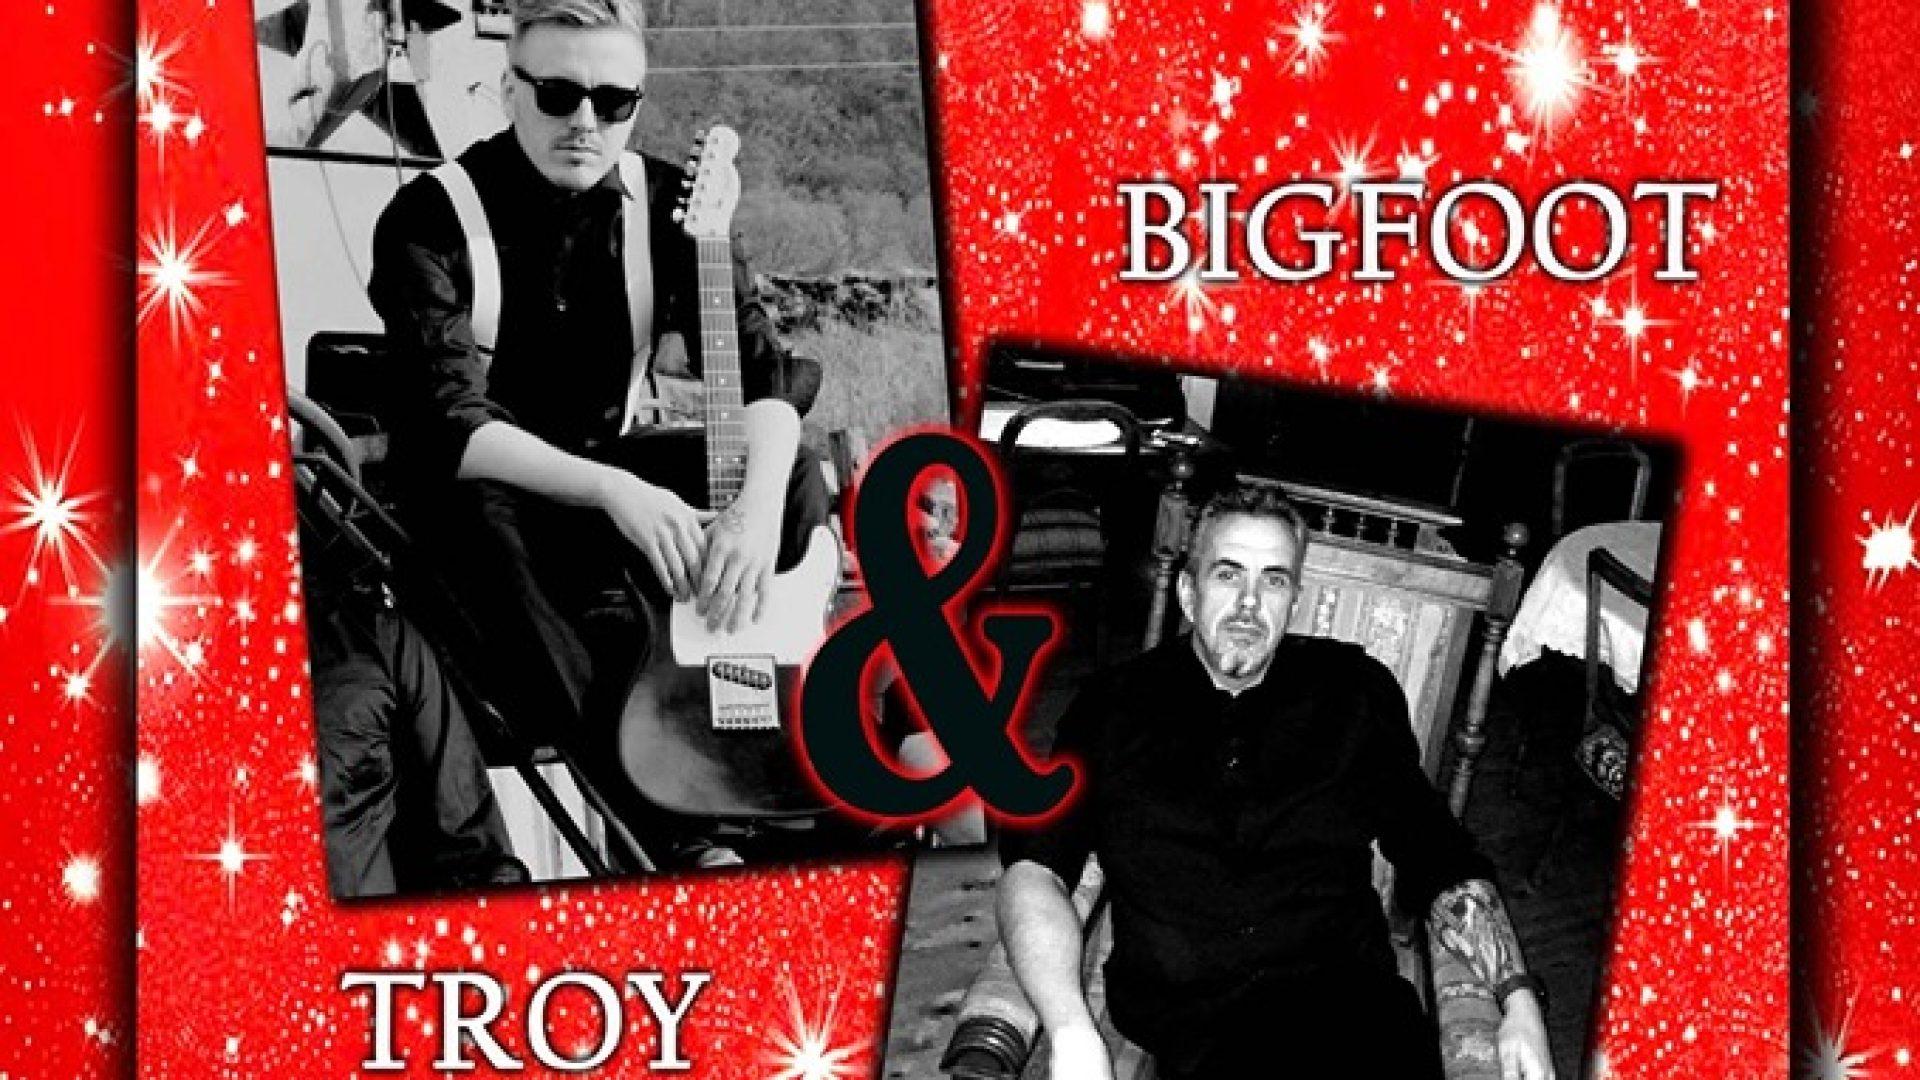 Troy og Bigfoot